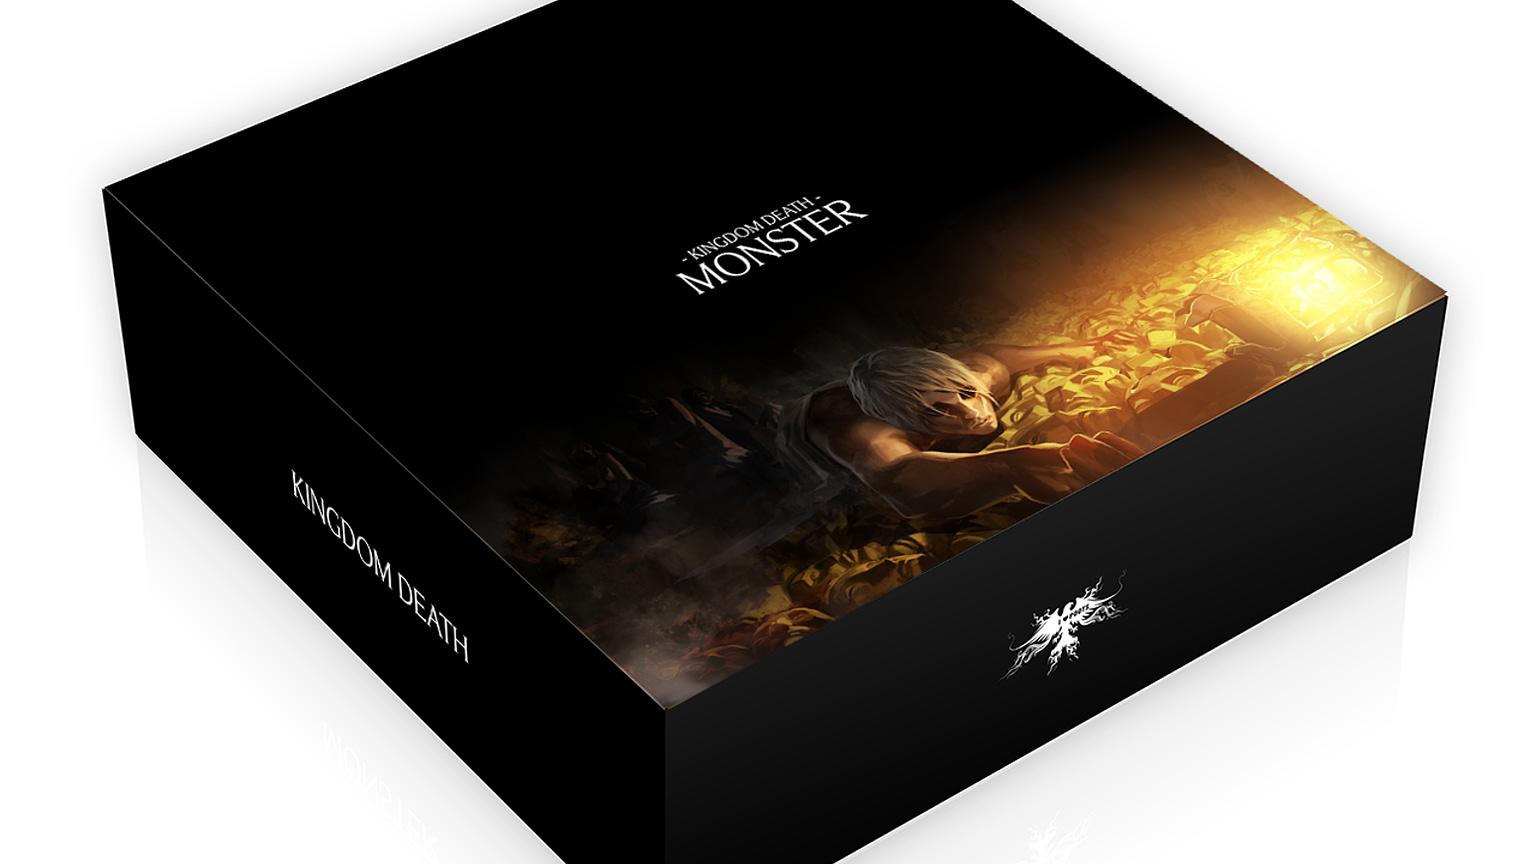 KingdomDeathMonster-cover